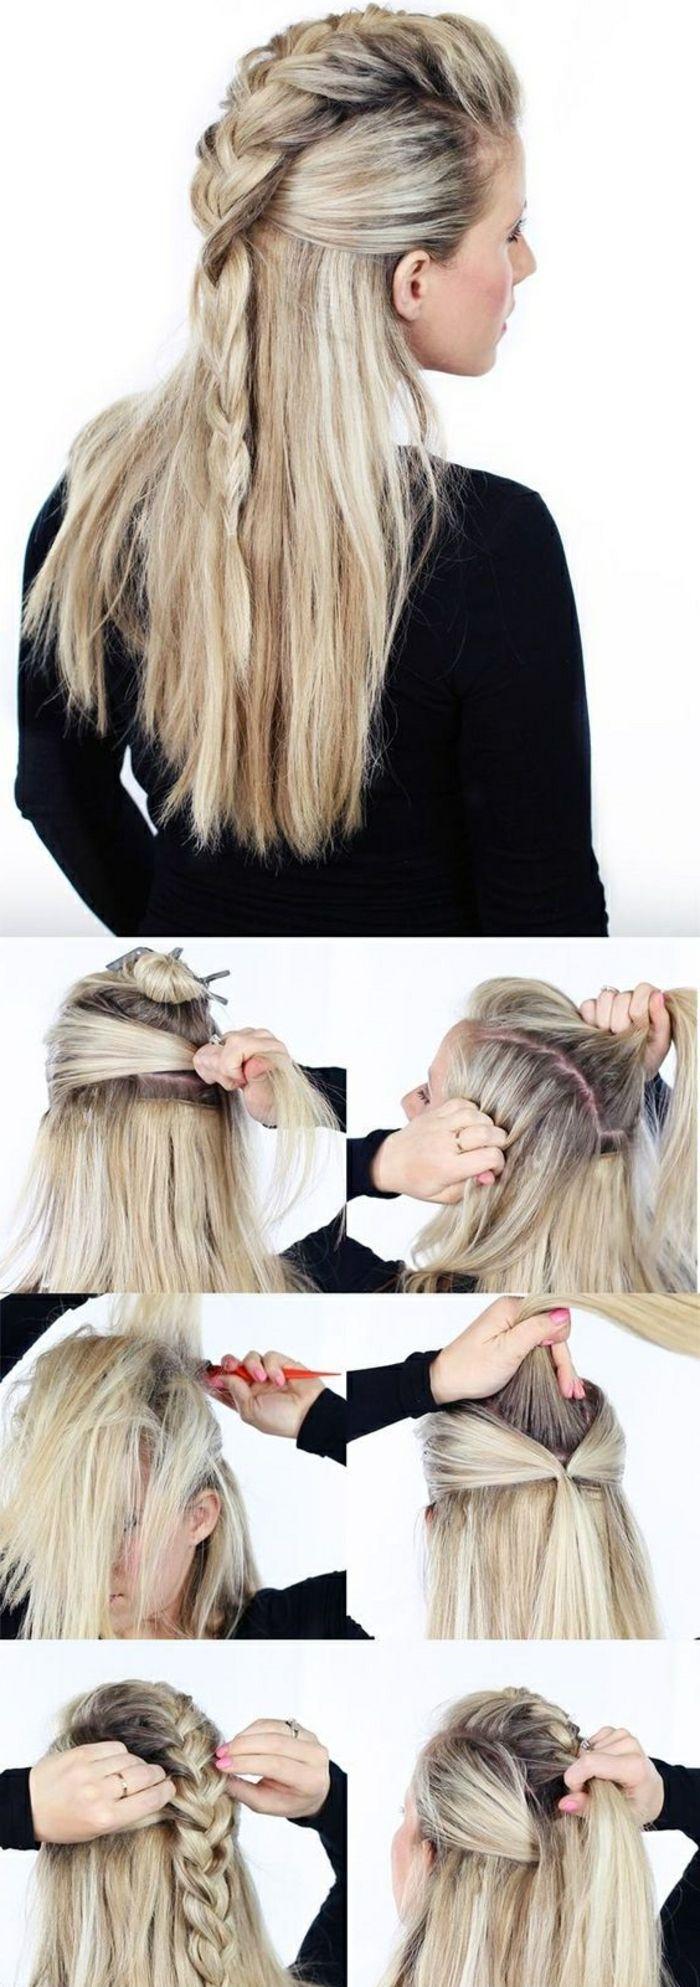 Wikinger Lagertha, blonde Haare, rosa Maniküre, Tutorial, wie man eine Coif macht